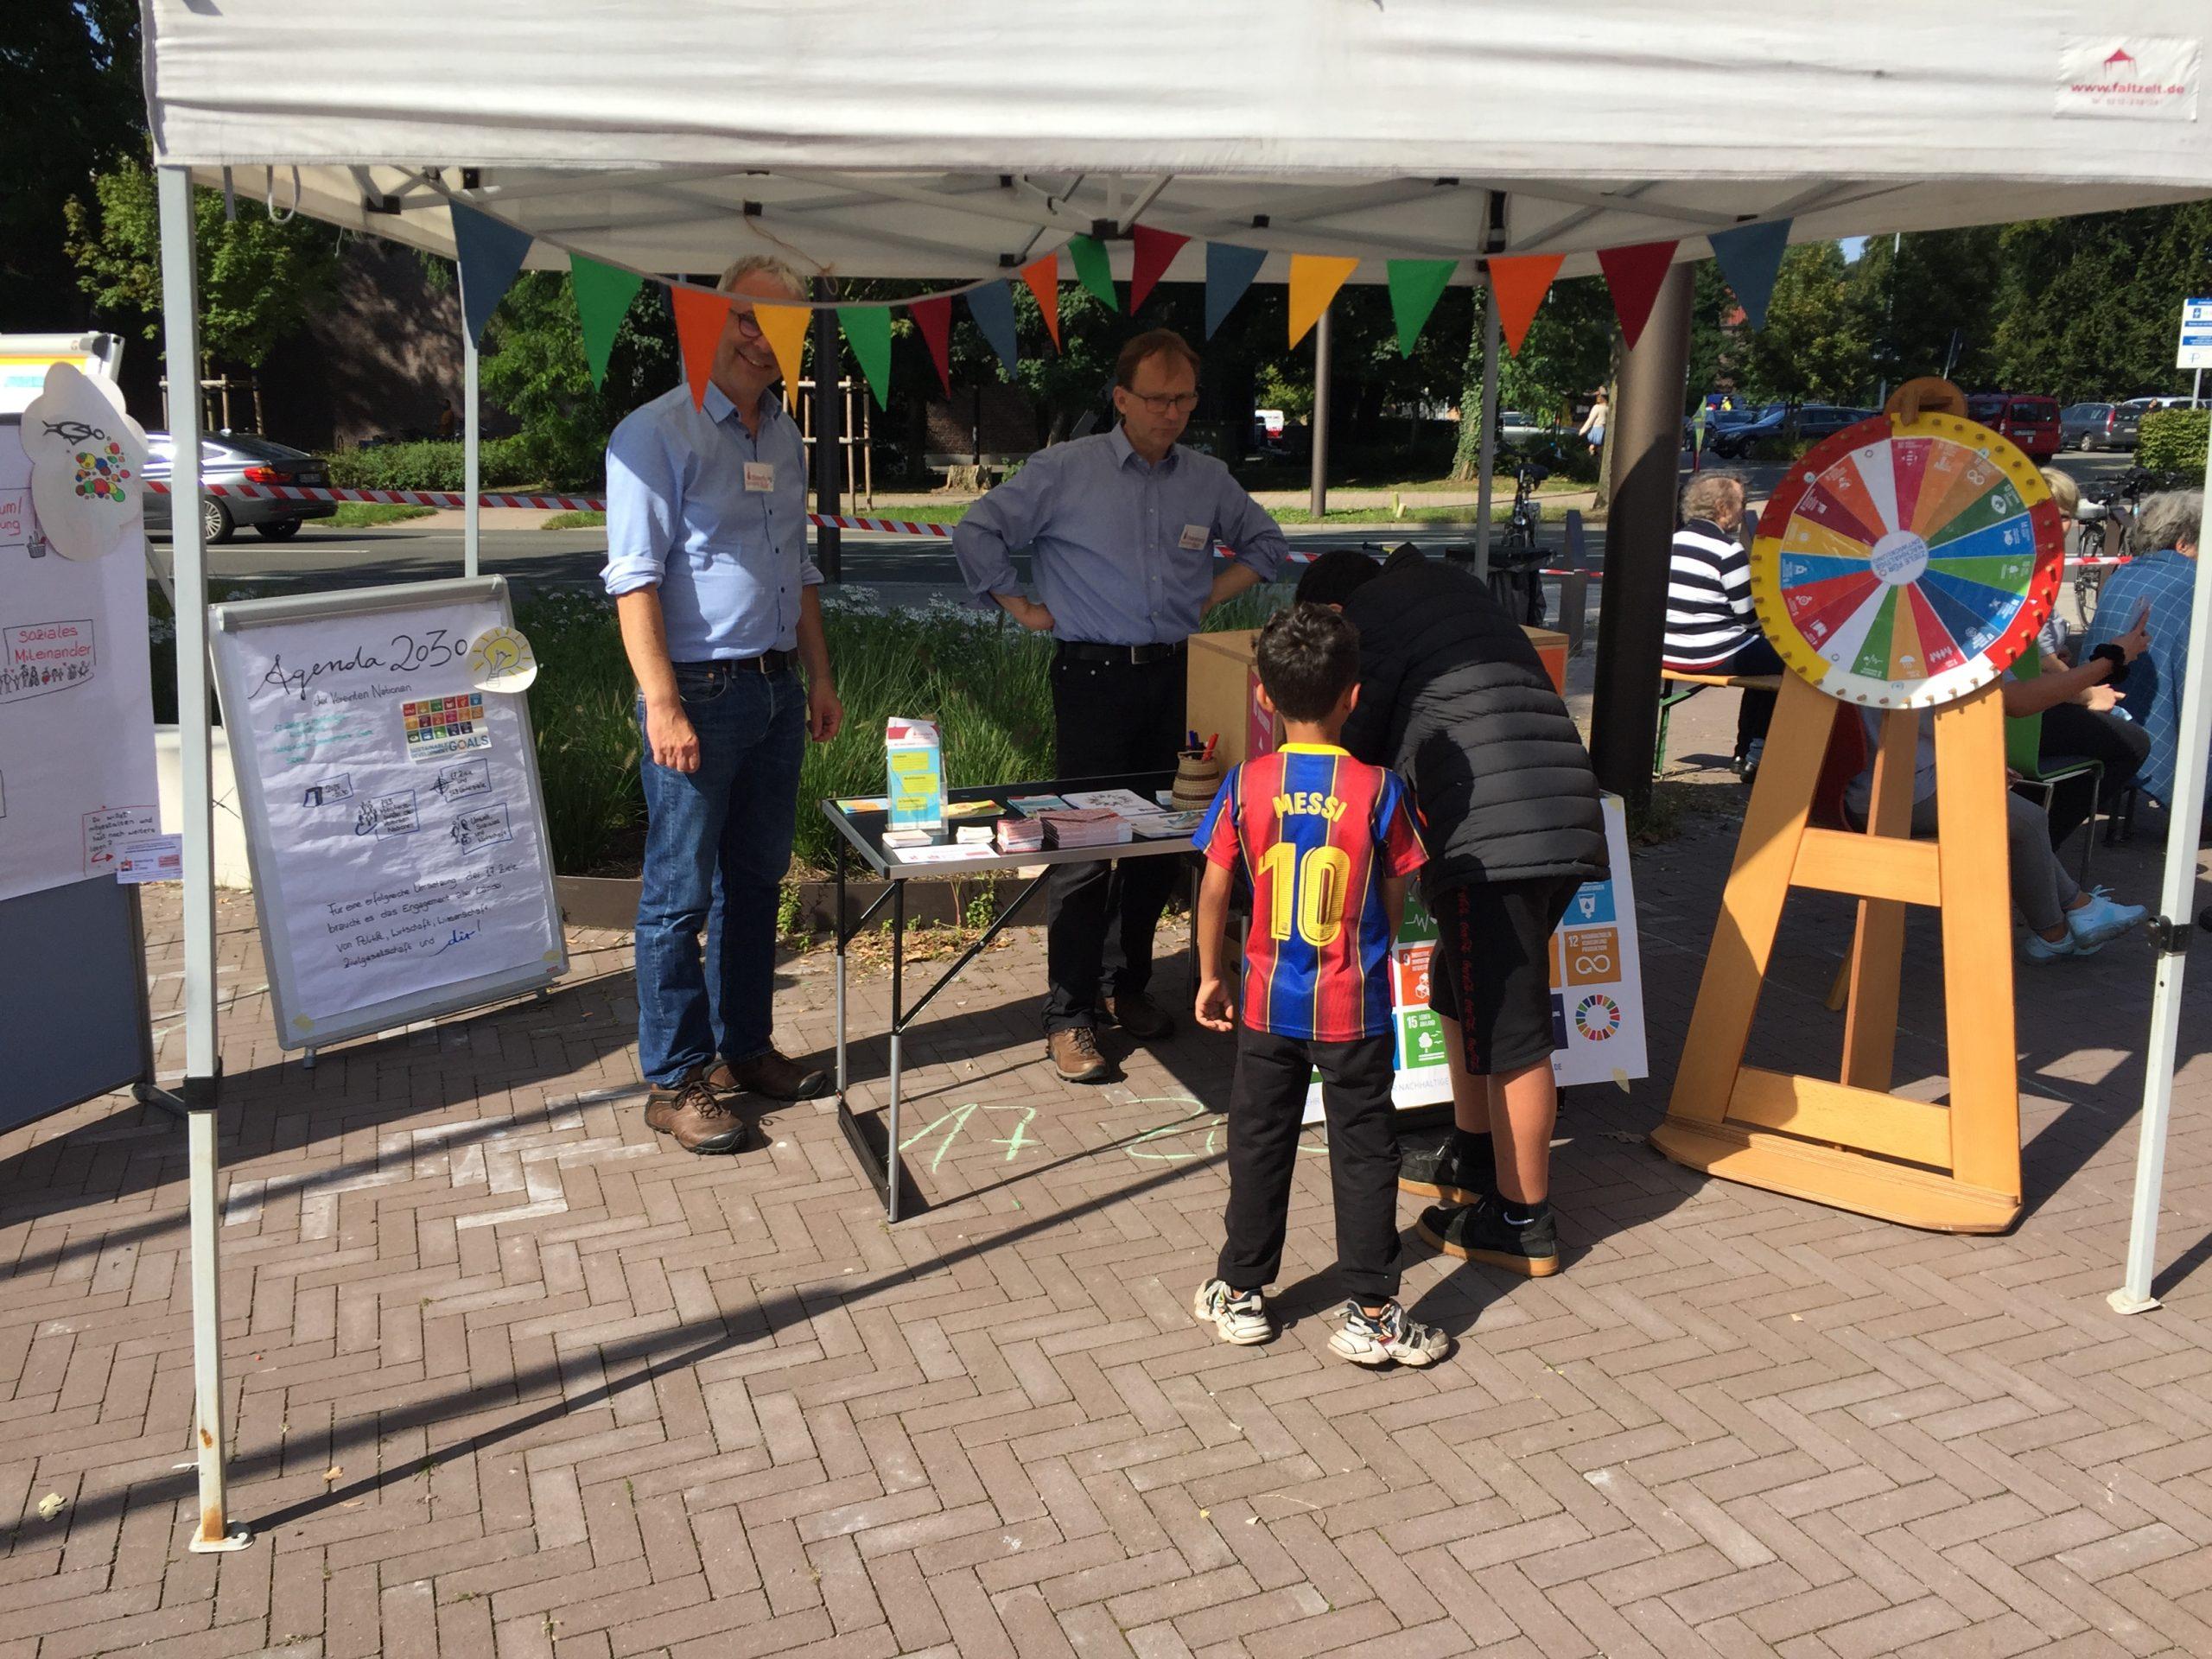 Zwei Kinder sind von hinten am Stand der SDG-Werkstatt in Kreyenbrück auf dem Stadtteilfest zu sehen.